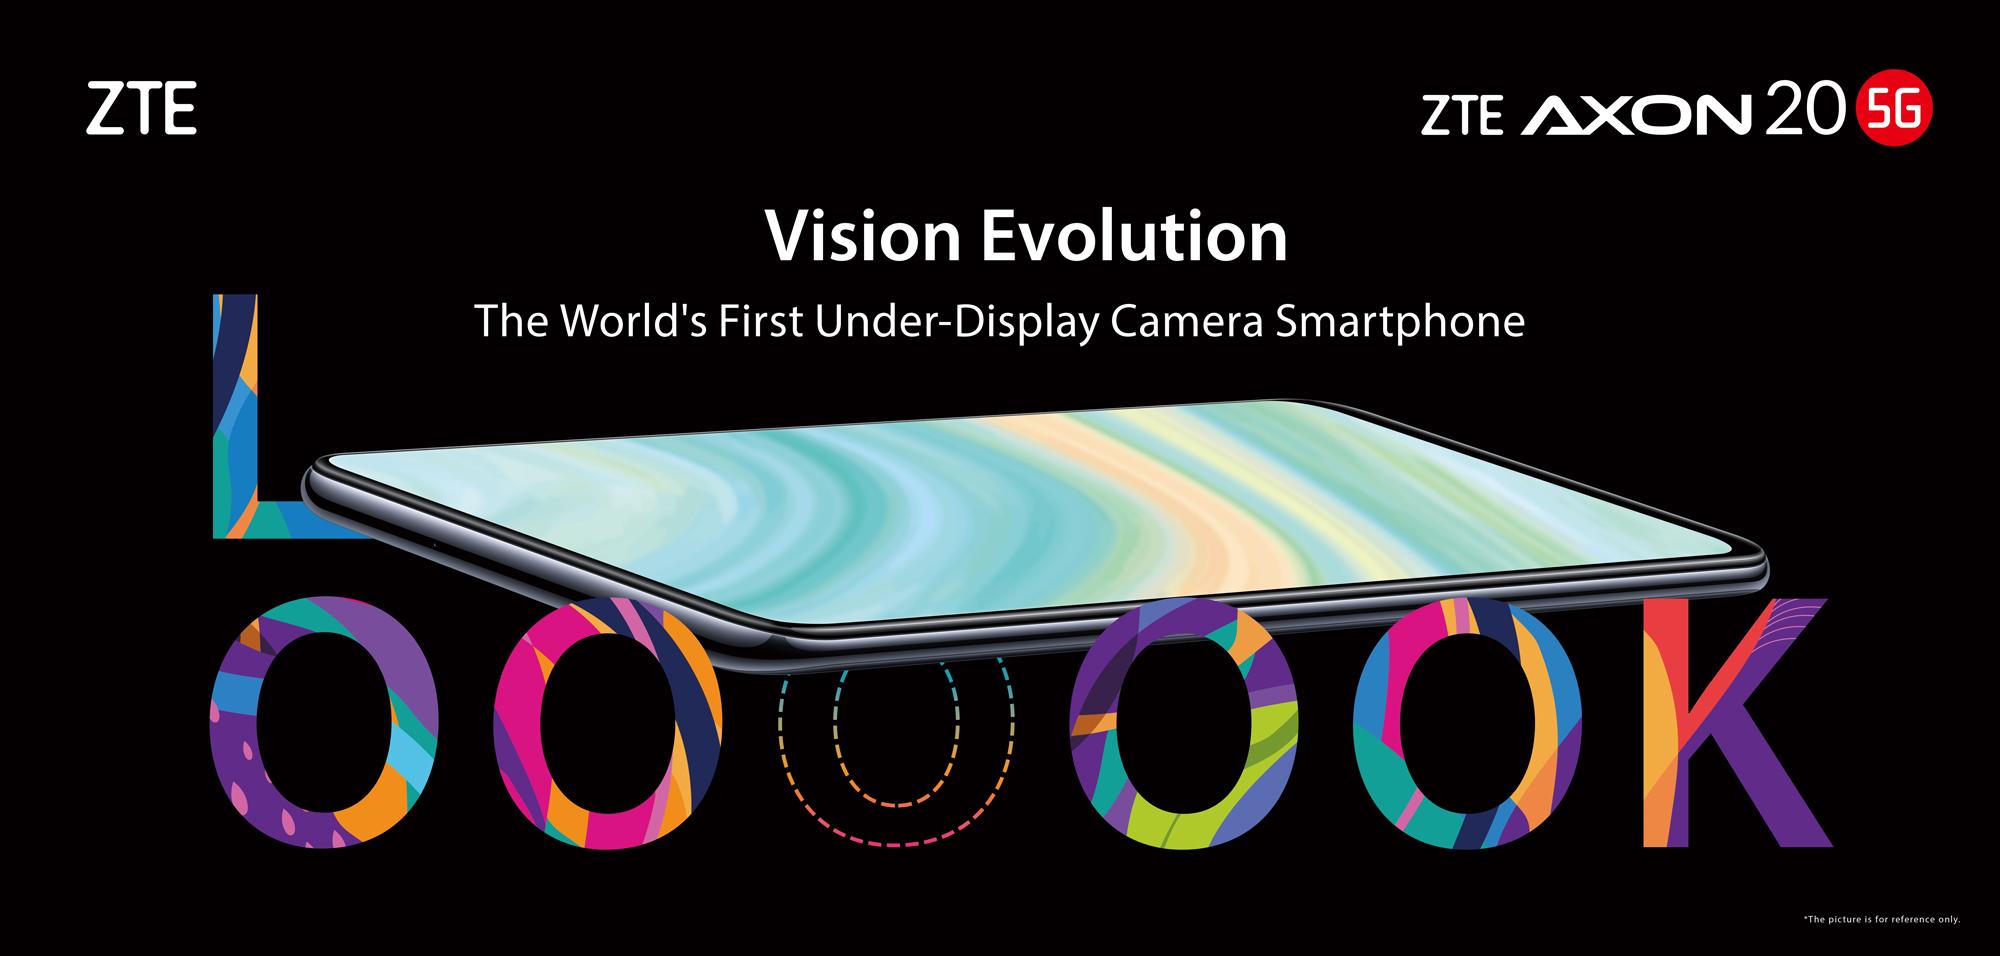 ZTE เปิดตัว Axon 20 5G สมาร์ทโฟนกล้องใต้จอรุ่นแรกของโลก